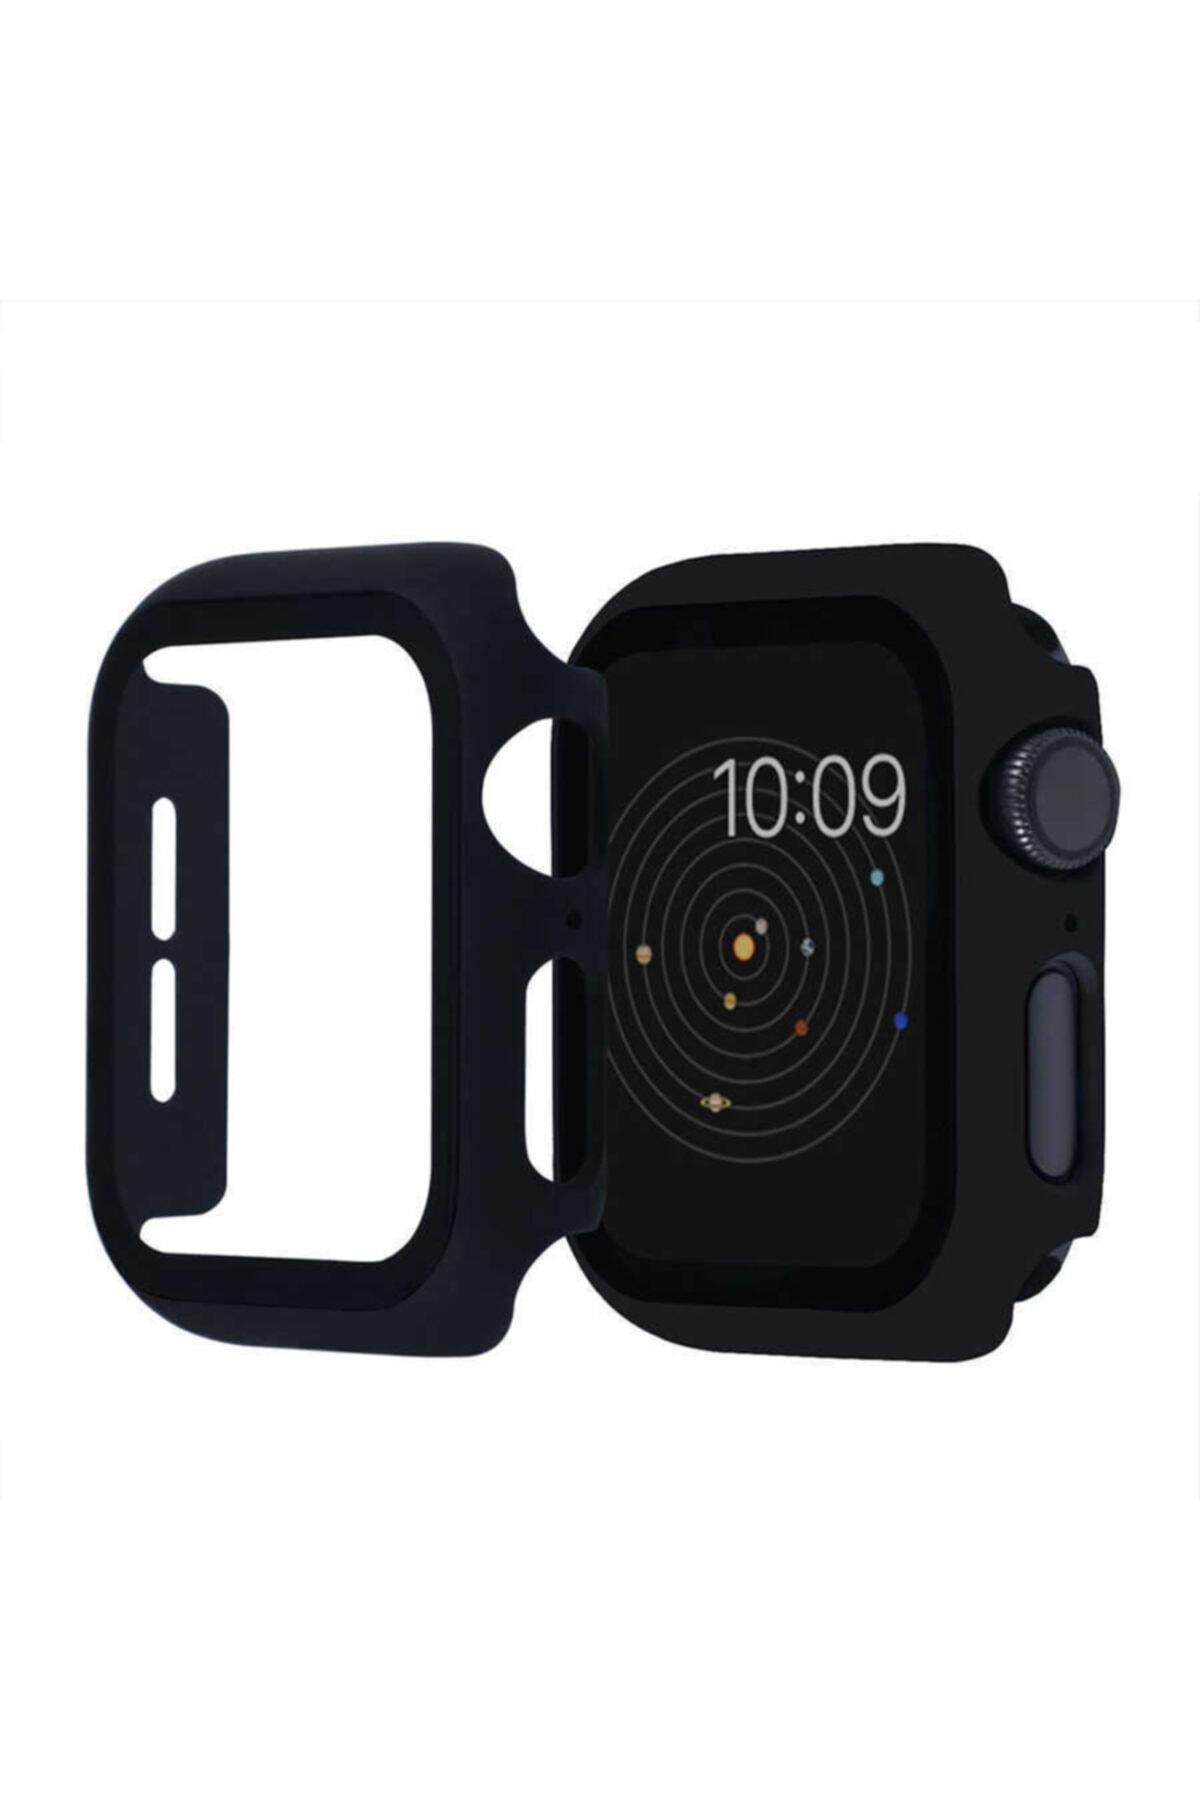 Nezih Case Kasa Ve Ekran Koruyucu Apple Watch Seri 6 44mm Akıllı Saat Için Siyah 1